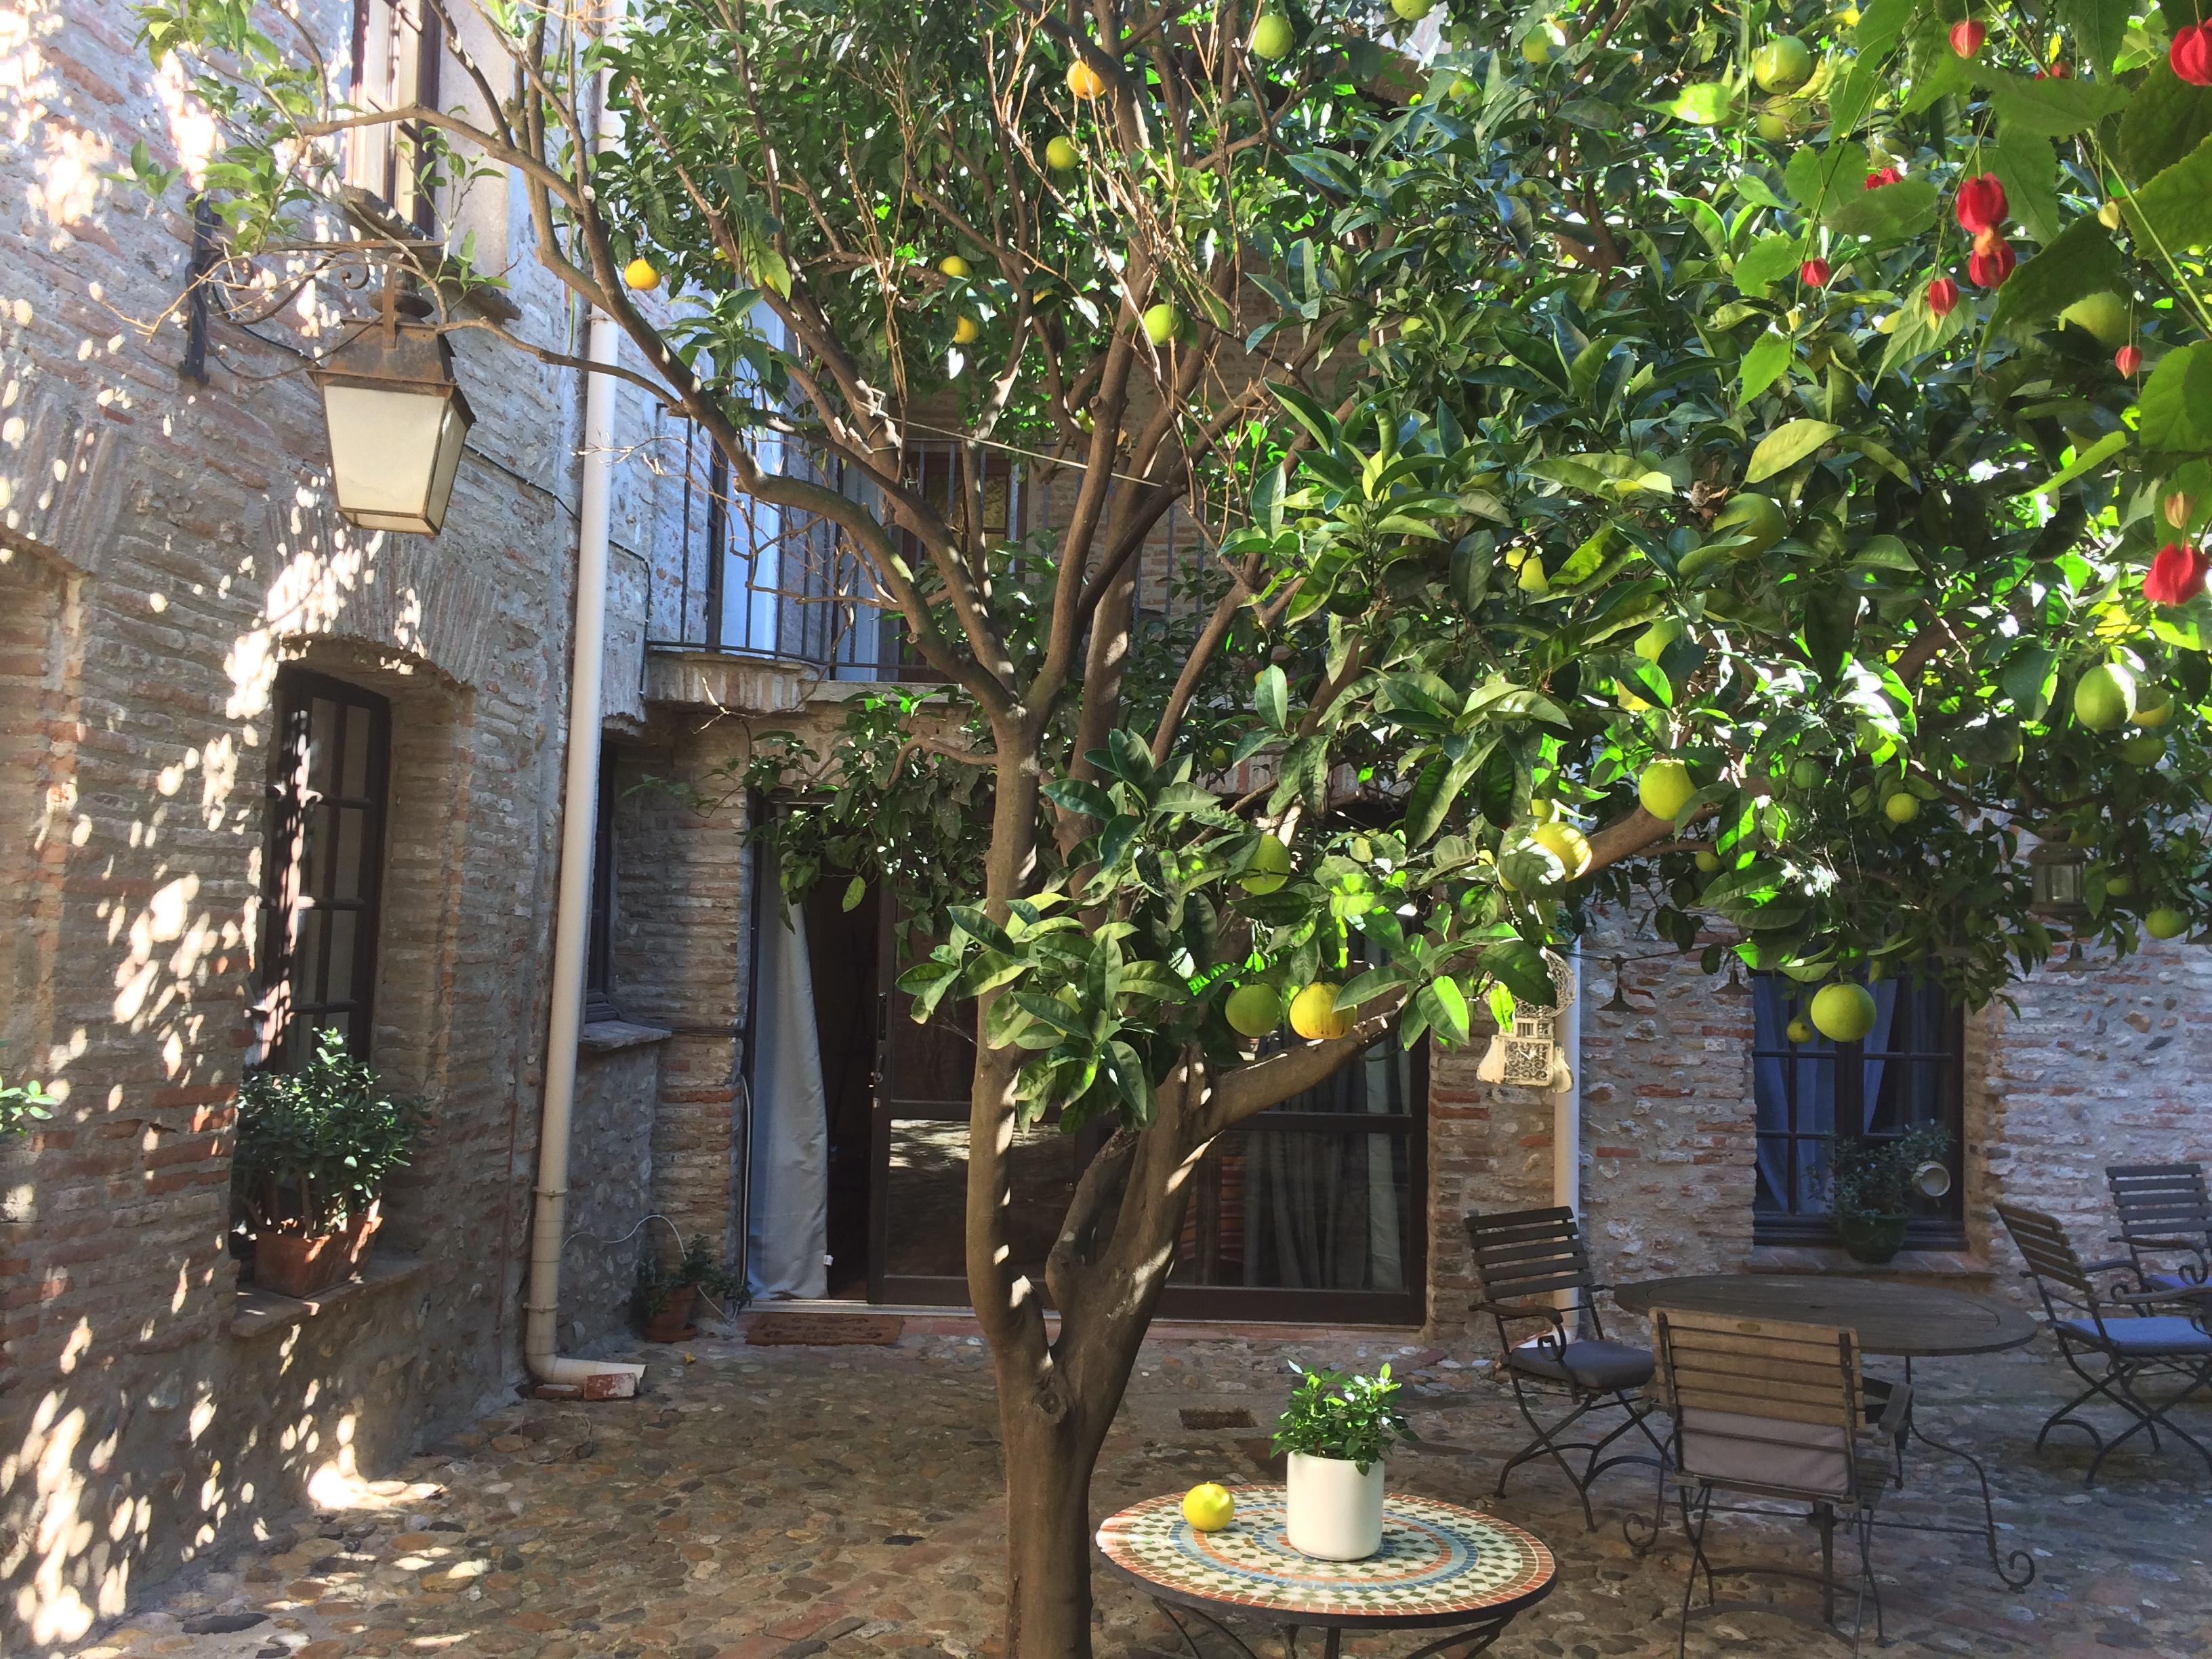 Chambres Du0027hôtes, Suites U0026 Gite De Charme, Restaurant « Table Du0027Hôtes ».